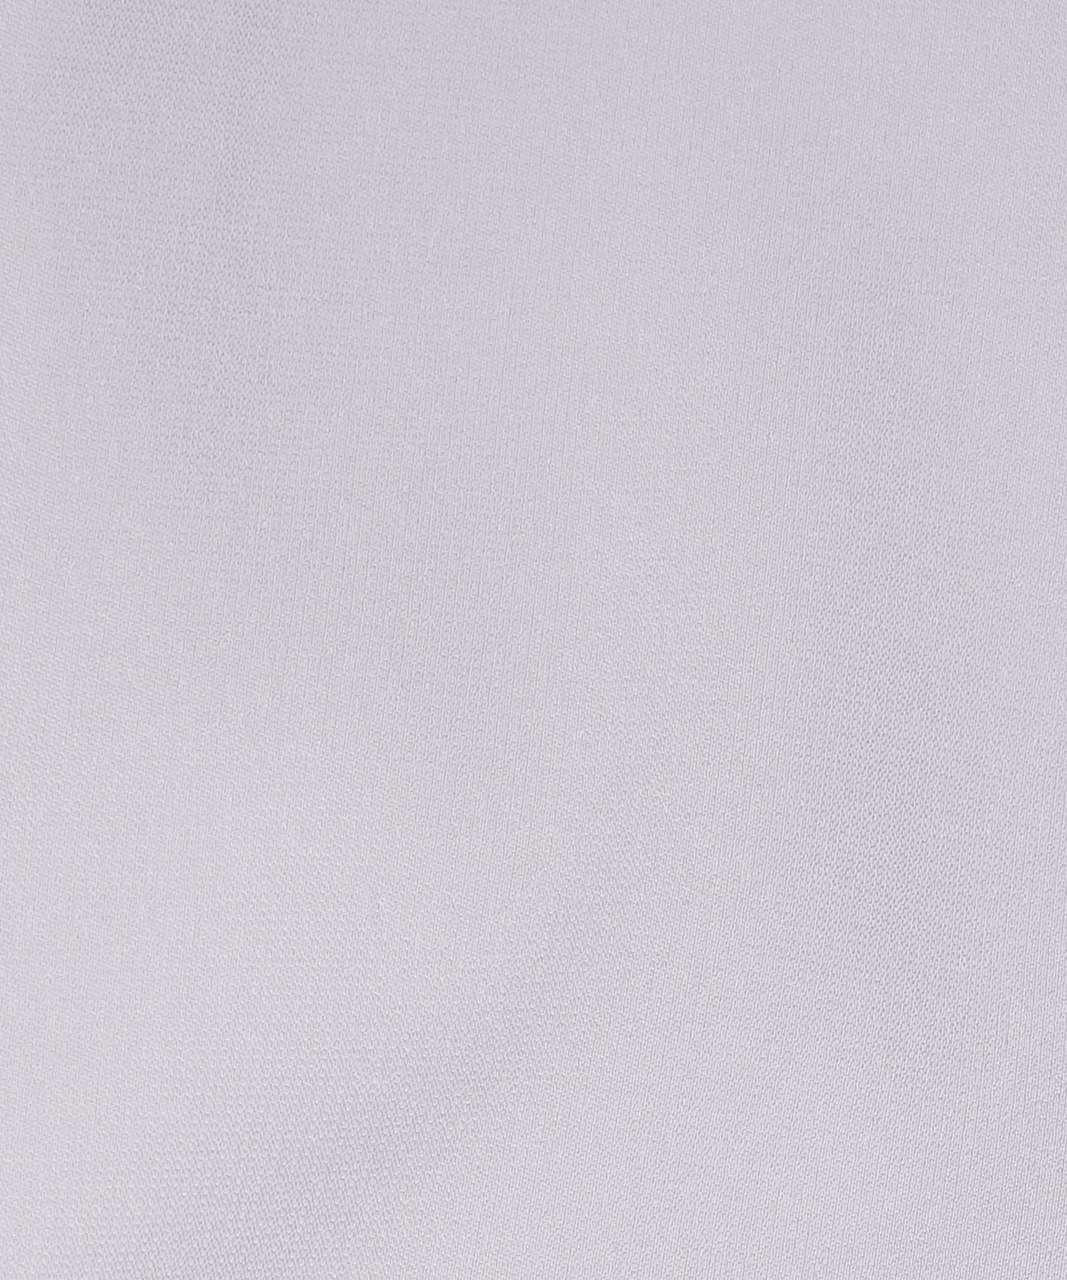 Lululemon Noir Crop - Silverscreen